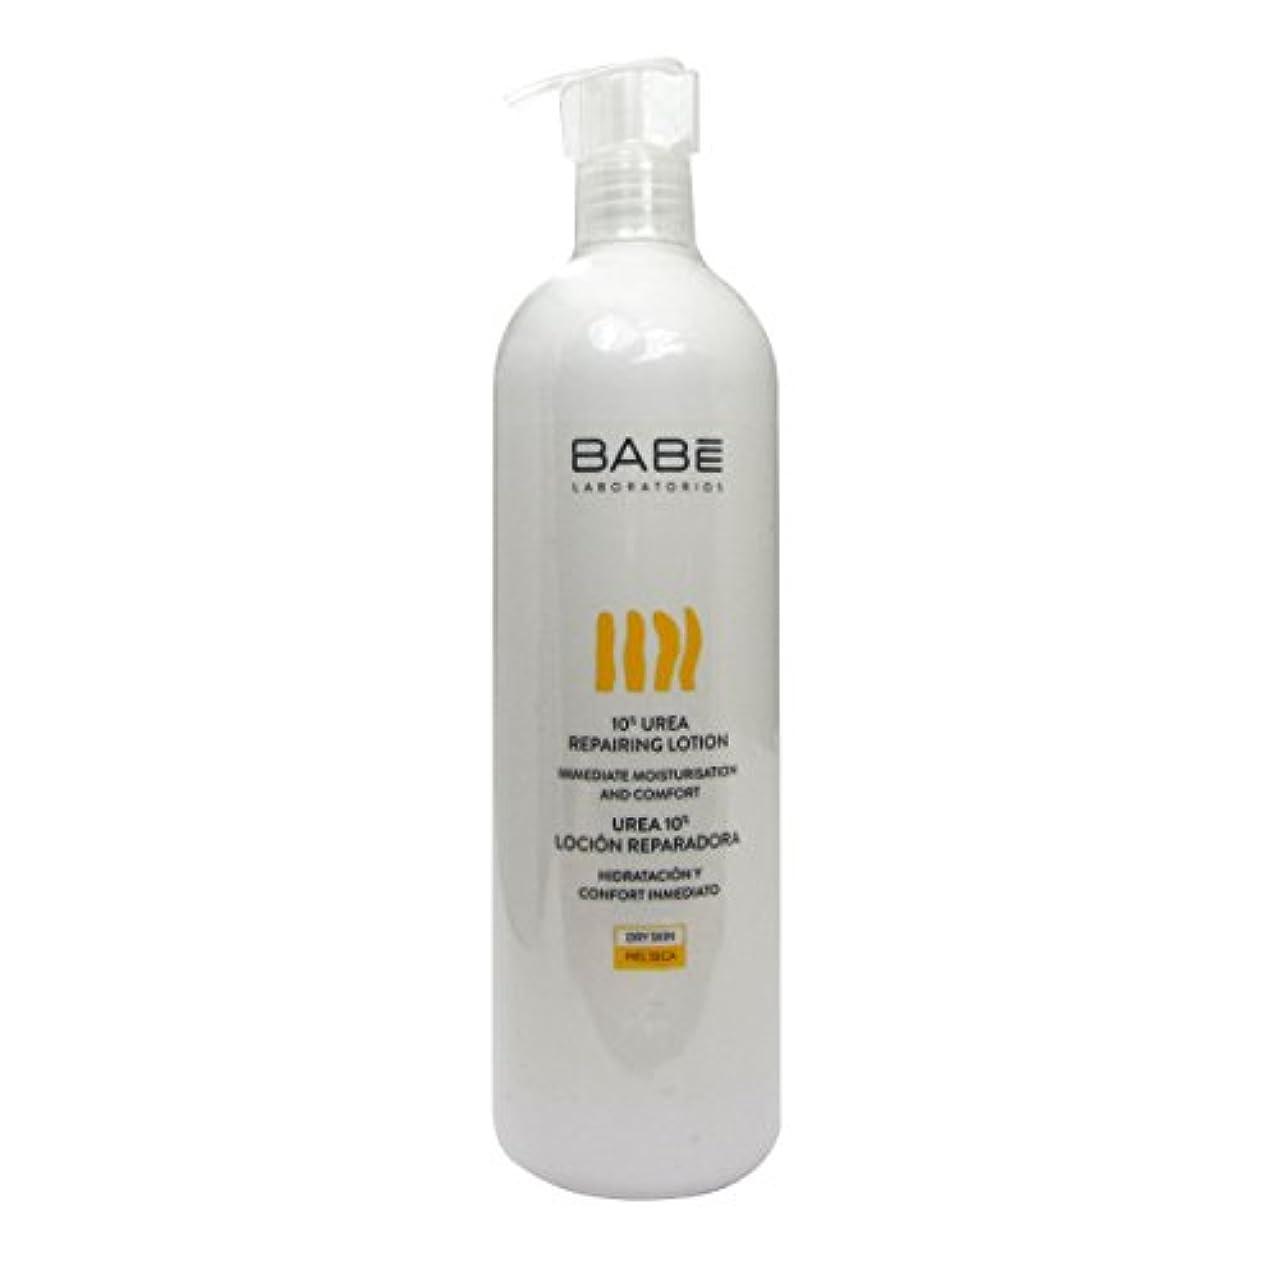 有限安価な木曜日Babe Repairing Lotion Urea 10% 500ml [並行輸入品]